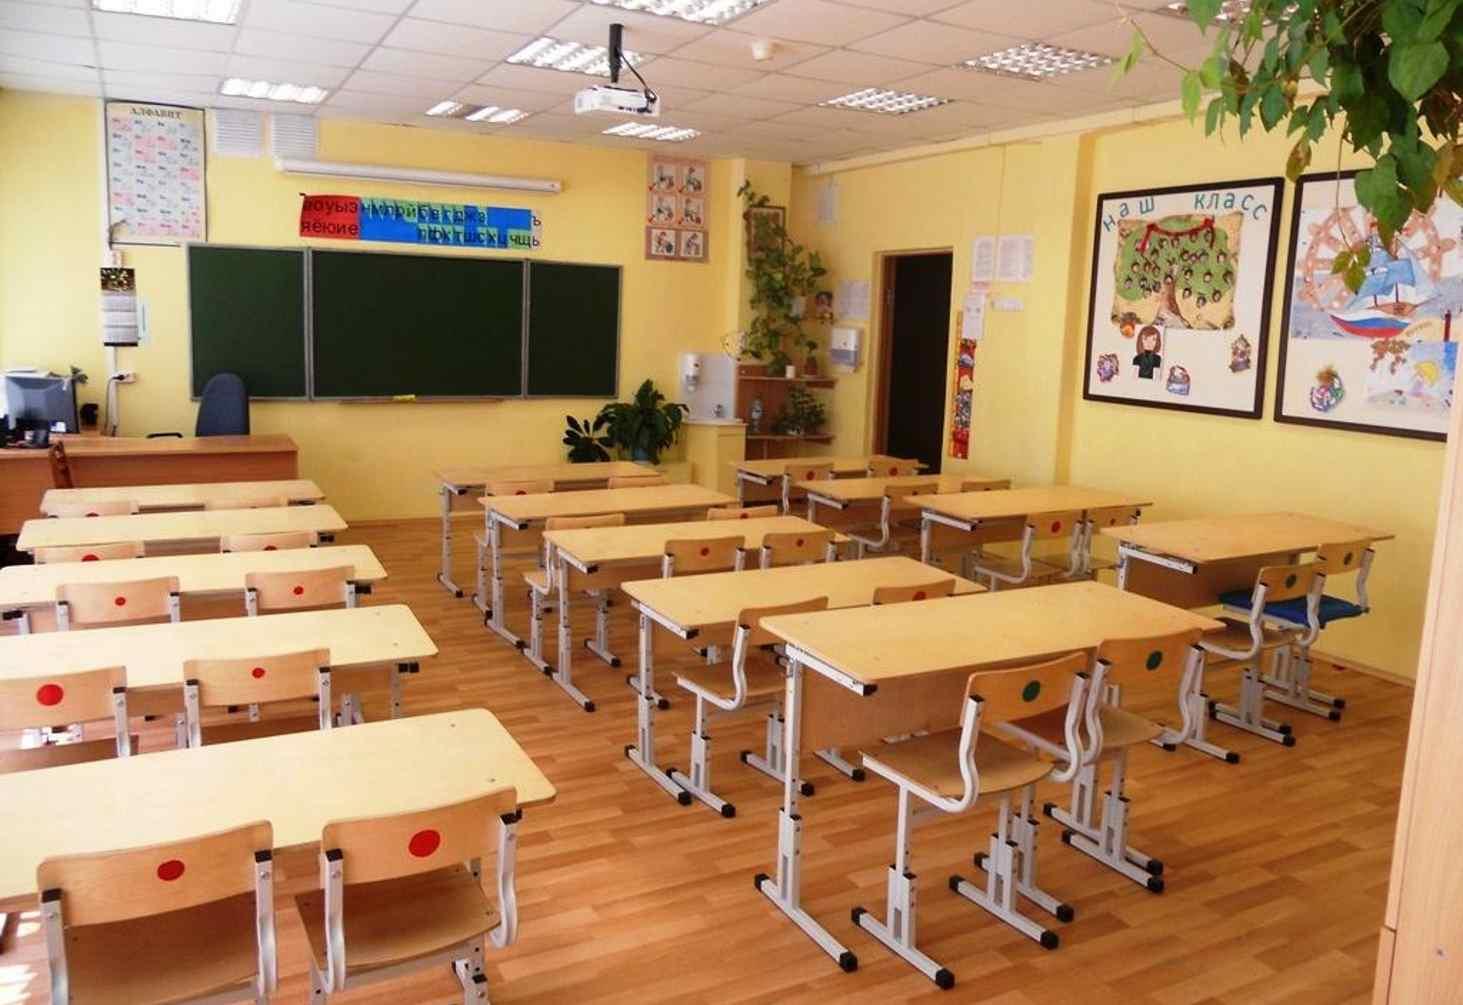 Роспотребнадзор утвердил санитарные требования к работе школ до 2027 года